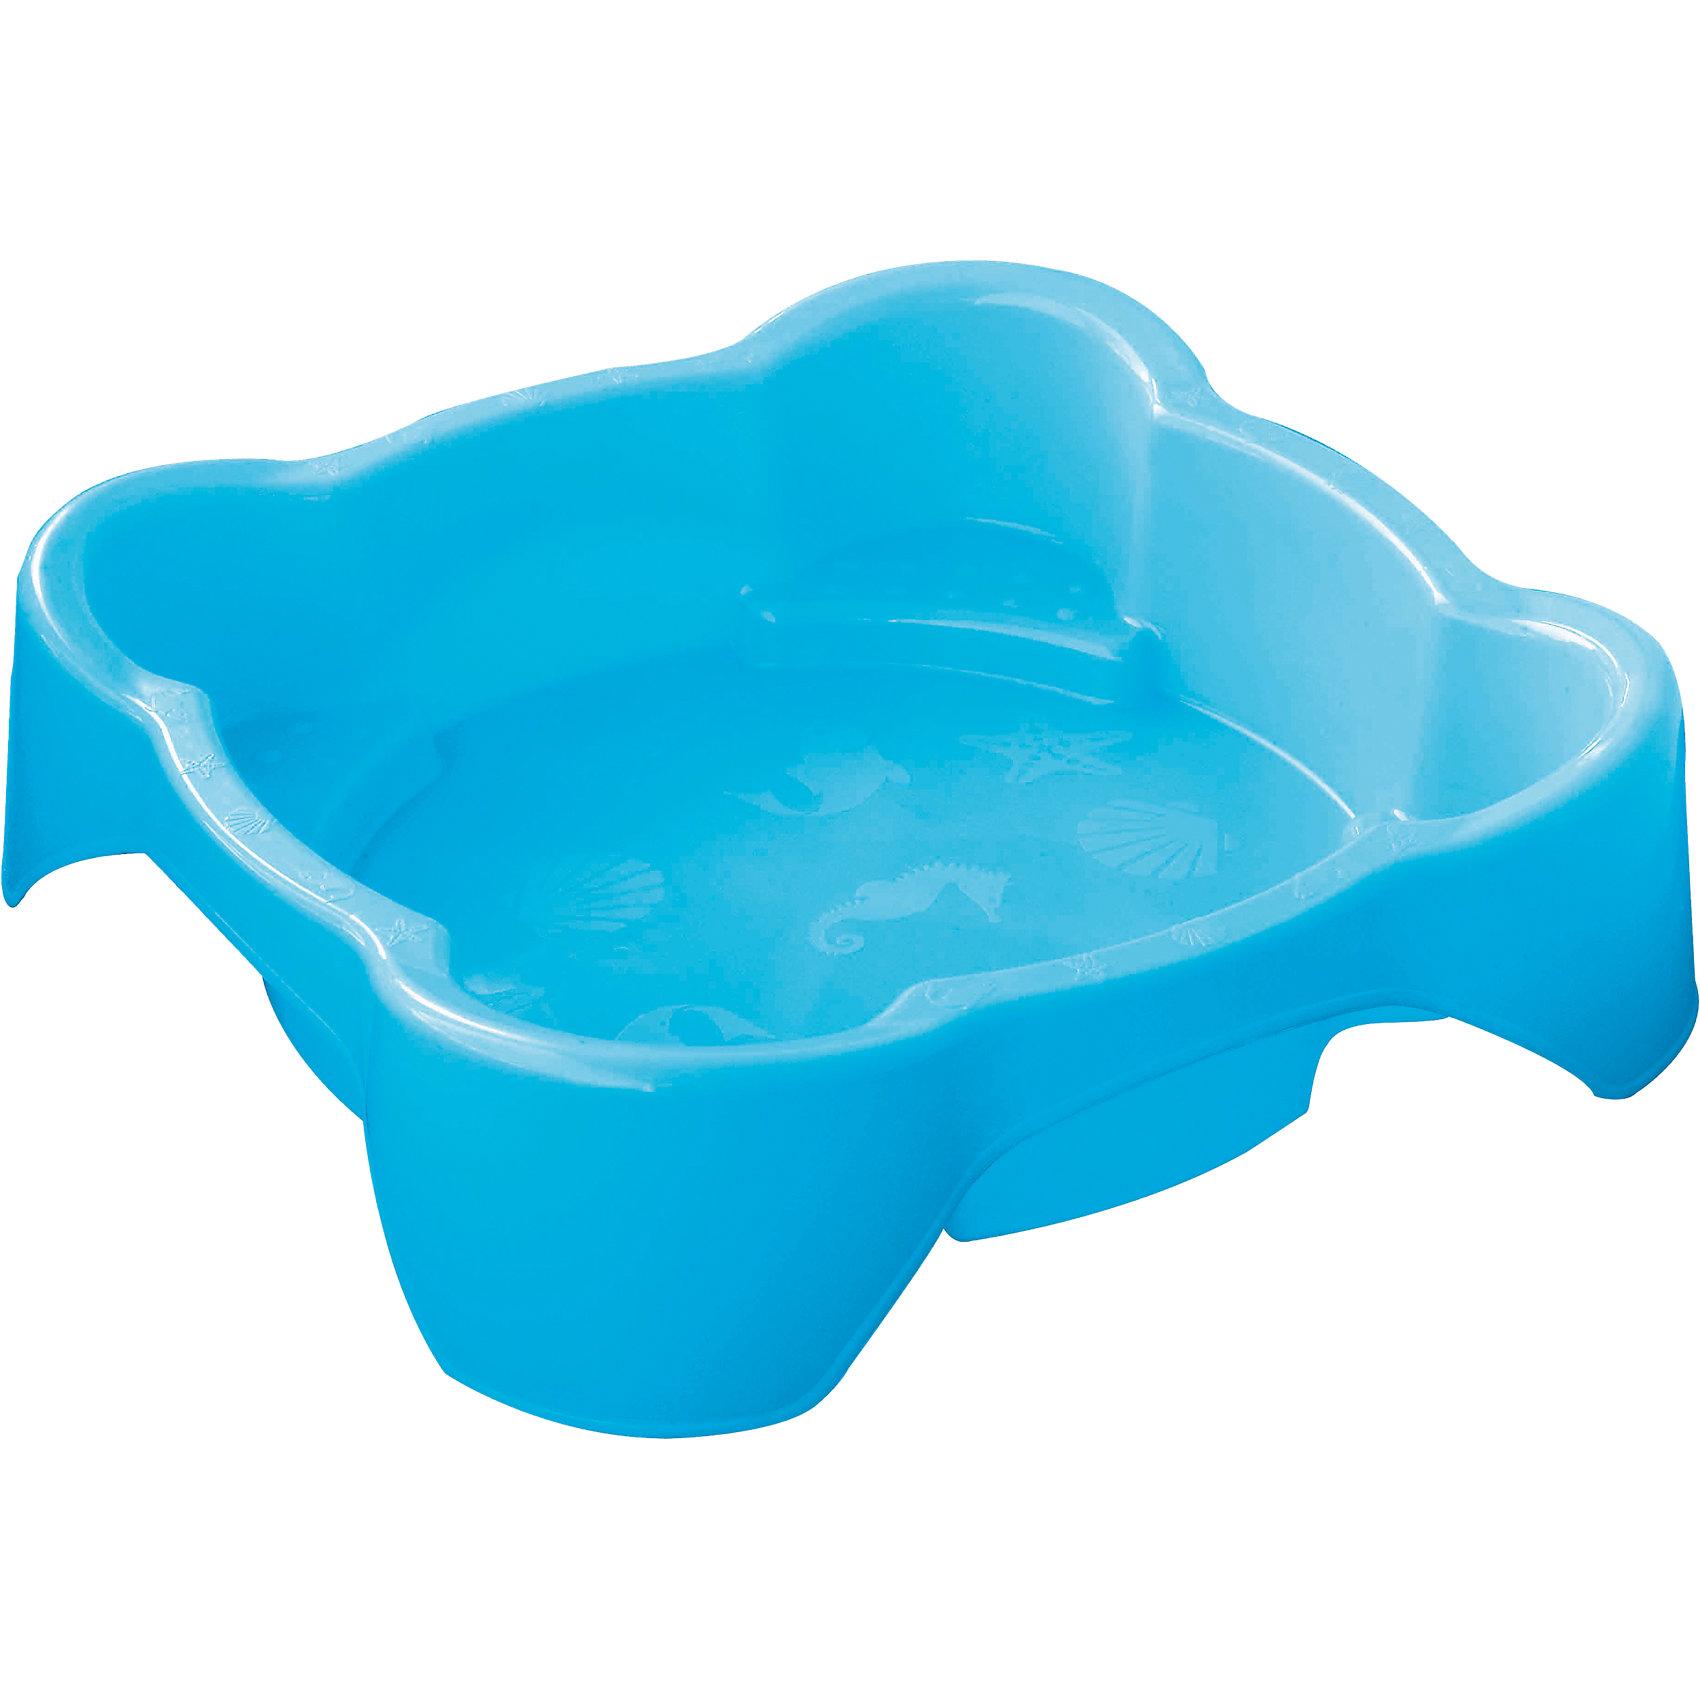 Песочница квадратная, голубая, PalPlayИграем в песочнице<br>Квадратная песочница Marianpalast - это яркая и красочная песочница, незаменимая для игр на воздухе.<br><br>У песочницы высокий бортик - 25 см, поэтому её можно использовать как песочницу и как бассейн. Песочница Marianpalast прочная и вместительная, поэтому в ней могут играть одновременно несколько малышей. <br><br>Дополнительная информация:<br><br>Размеры песочницы: 96 х 96 х 25 см.<br>Цвет: оранжевый.<br>Вес: 4 кг.<br><br>Ширина мм: 960<br>Глубина мм: 960<br>Высота мм: 250<br>Вес г: 3940<br>Возраст от месяцев: 216<br>Возраст до месяцев: 96<br>Пол: Унисекс<br>Возраст: Детский<br>SKU: 4853269